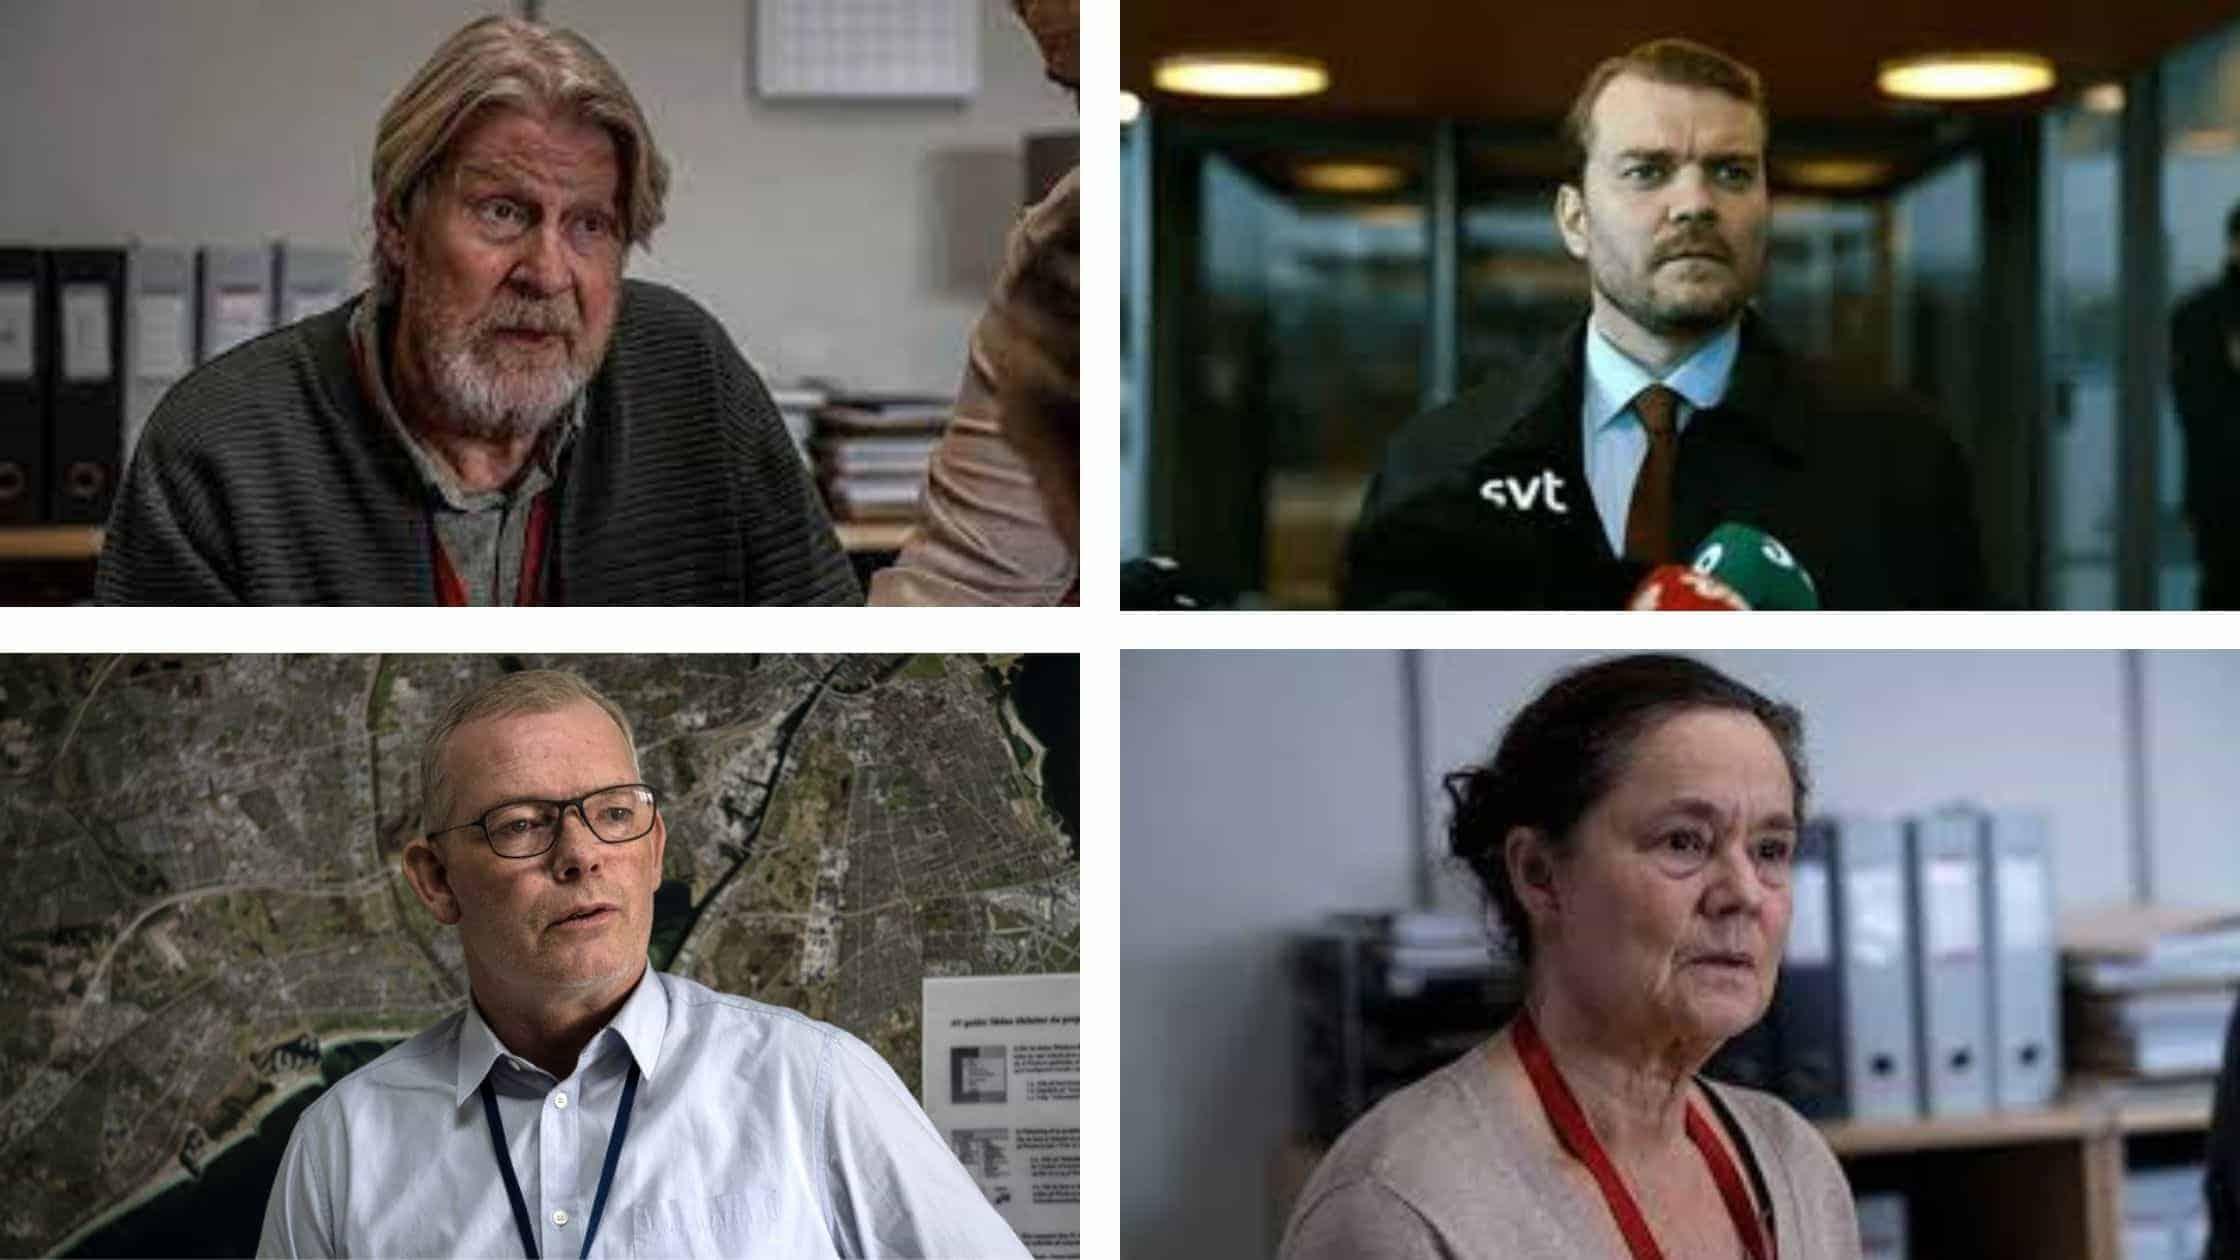 The-Investigation-blog-Il-Biondino-della-Spider-Rossa-Analisi-Serie-Televisiva-protagonisti-del-caso